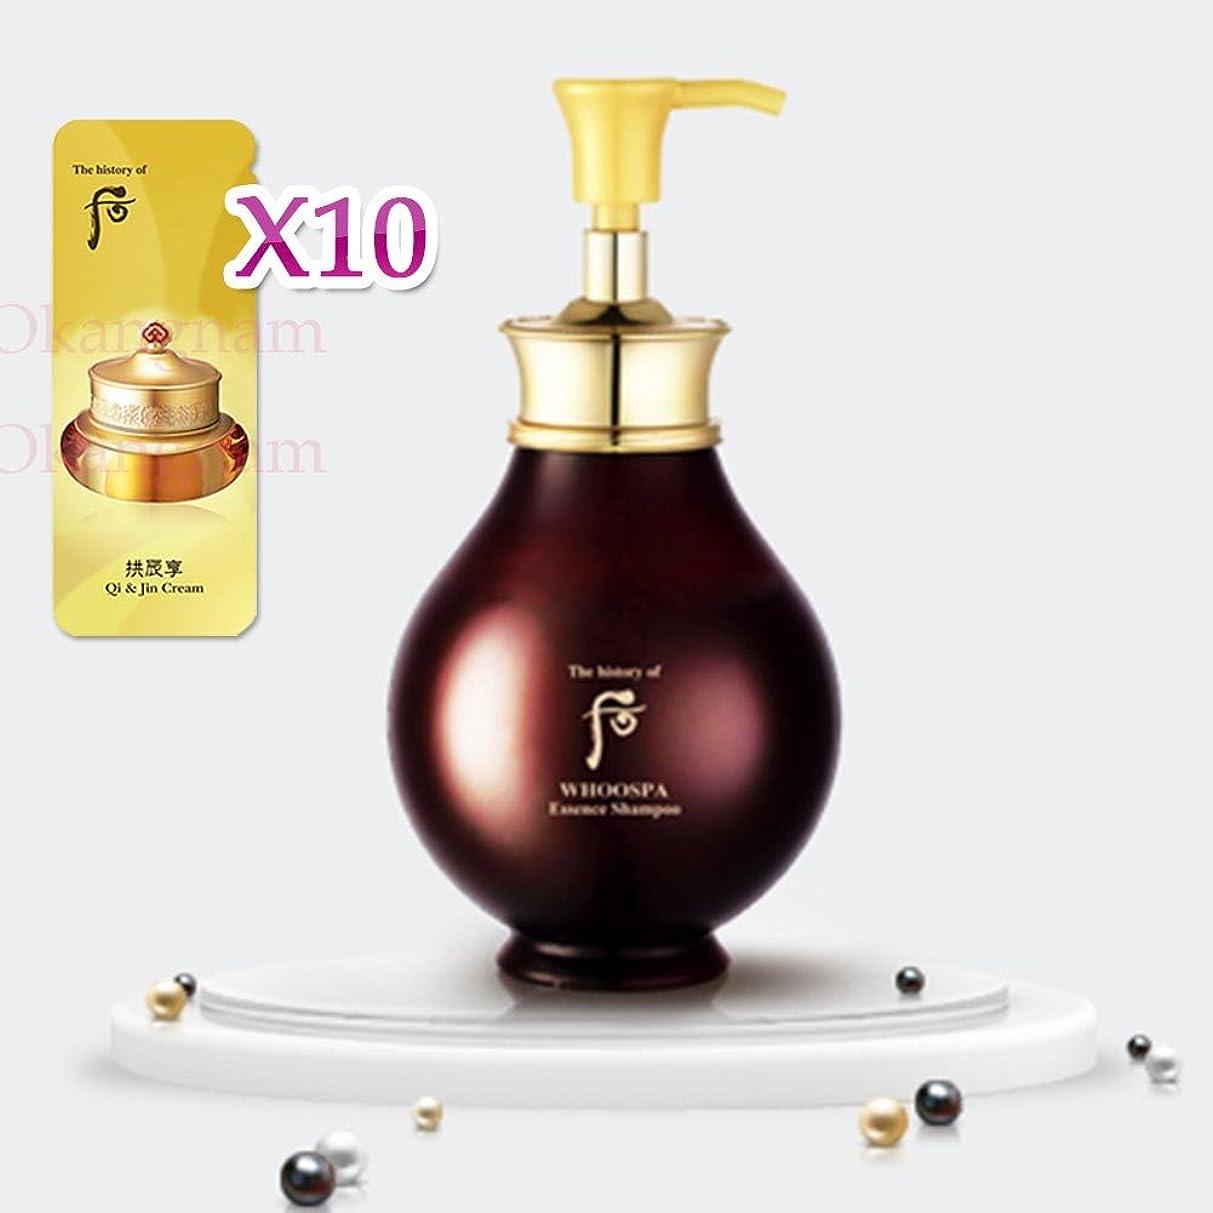 検索話す横に【フー/ The history of whoo] Whoo后SPA04 Whoo Spa Essence Shampoo/后(フー)フス派エッセンスシャンプー + [Sample Gift](海外直送品)